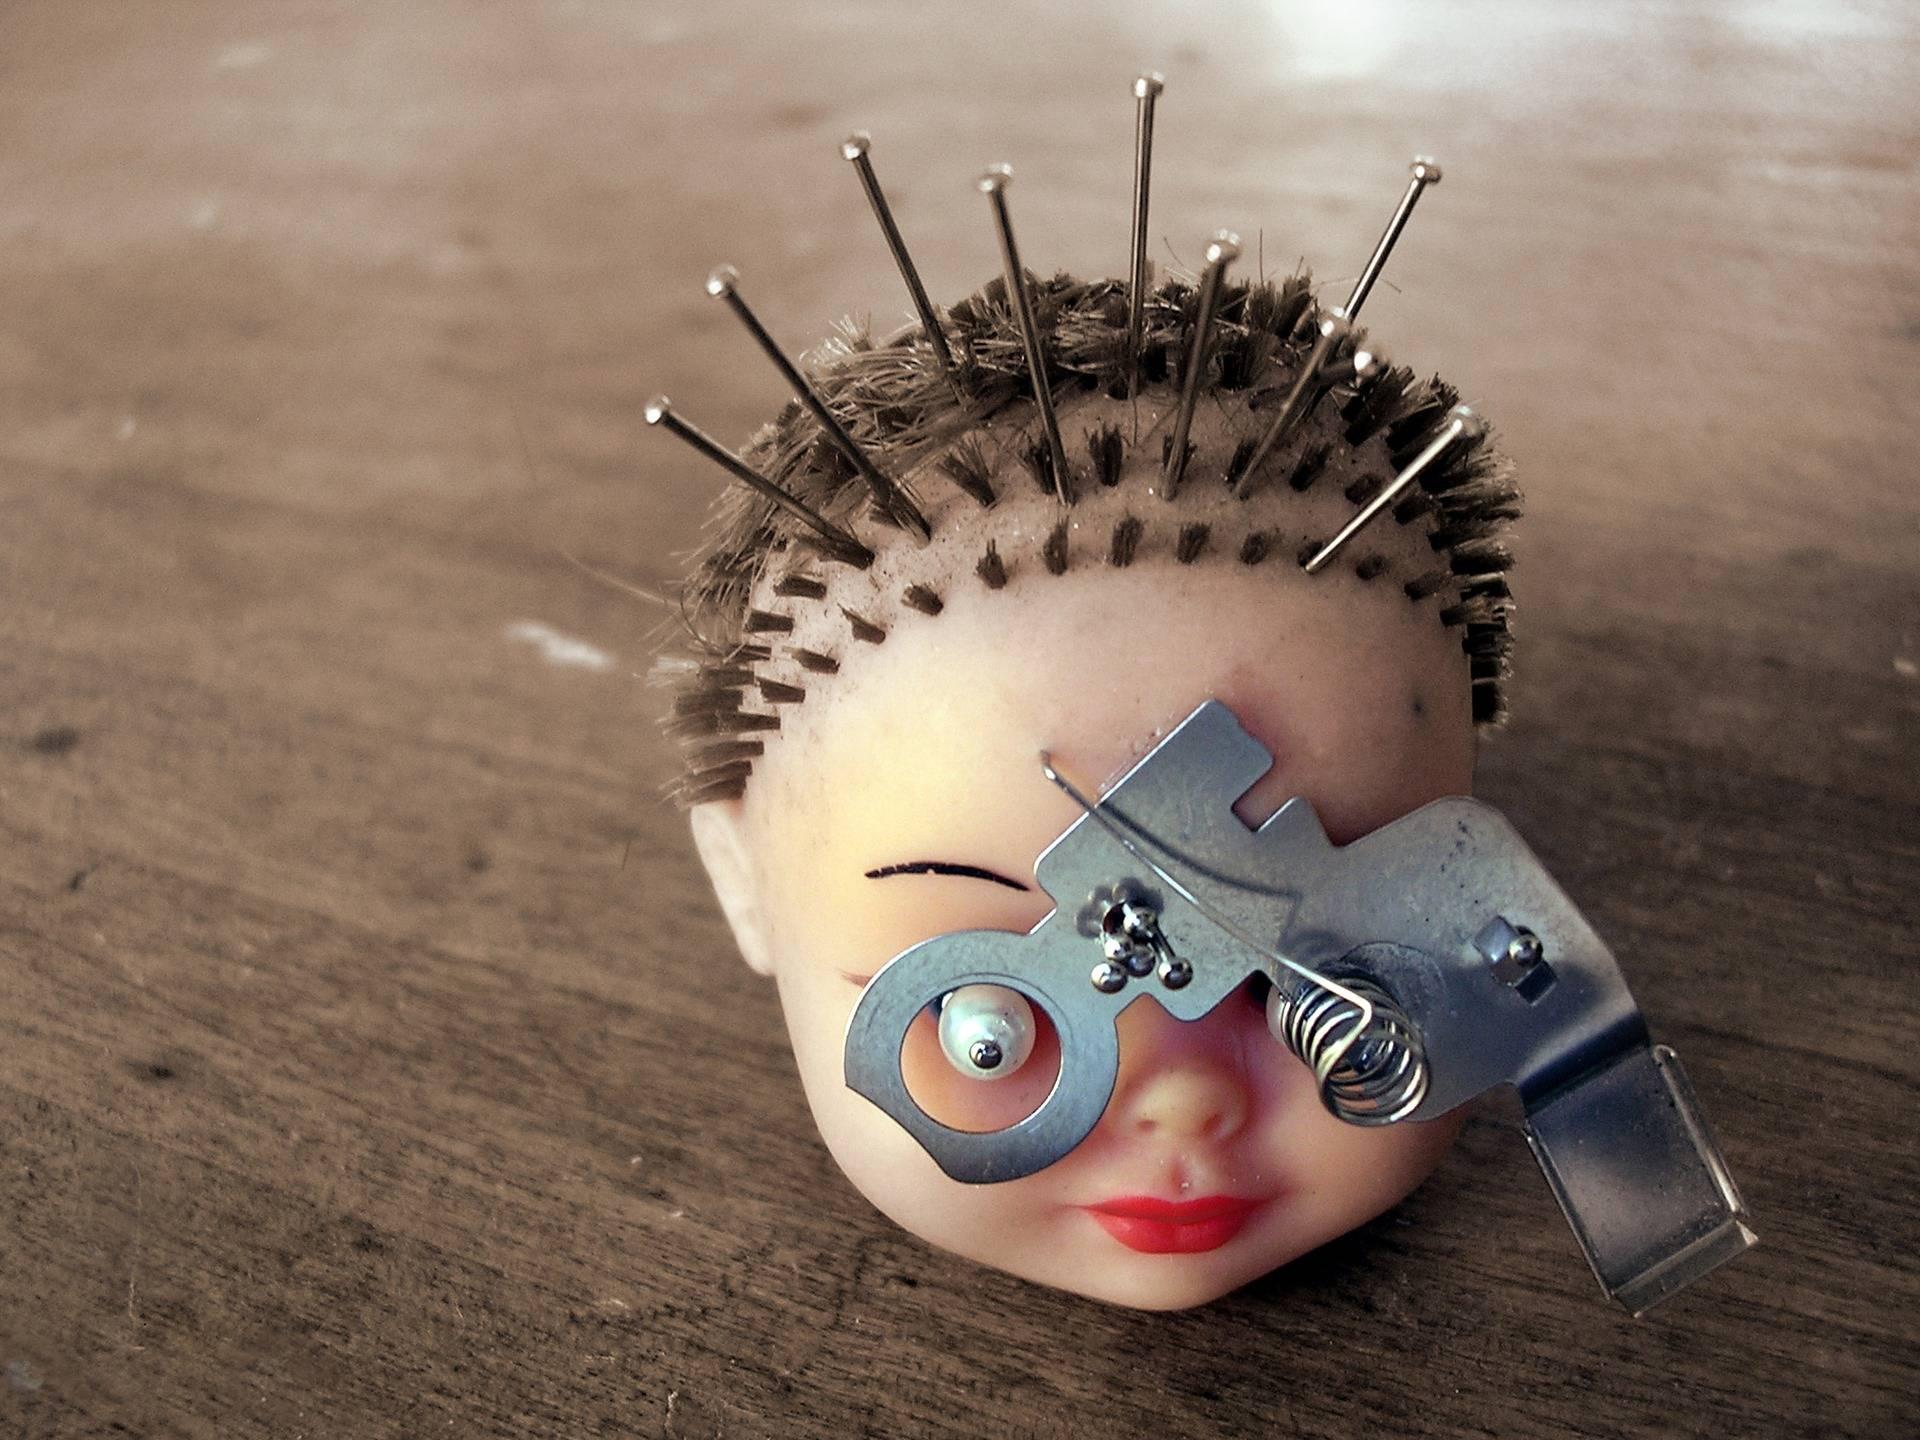 voodoo-child-1426566-1920x1440